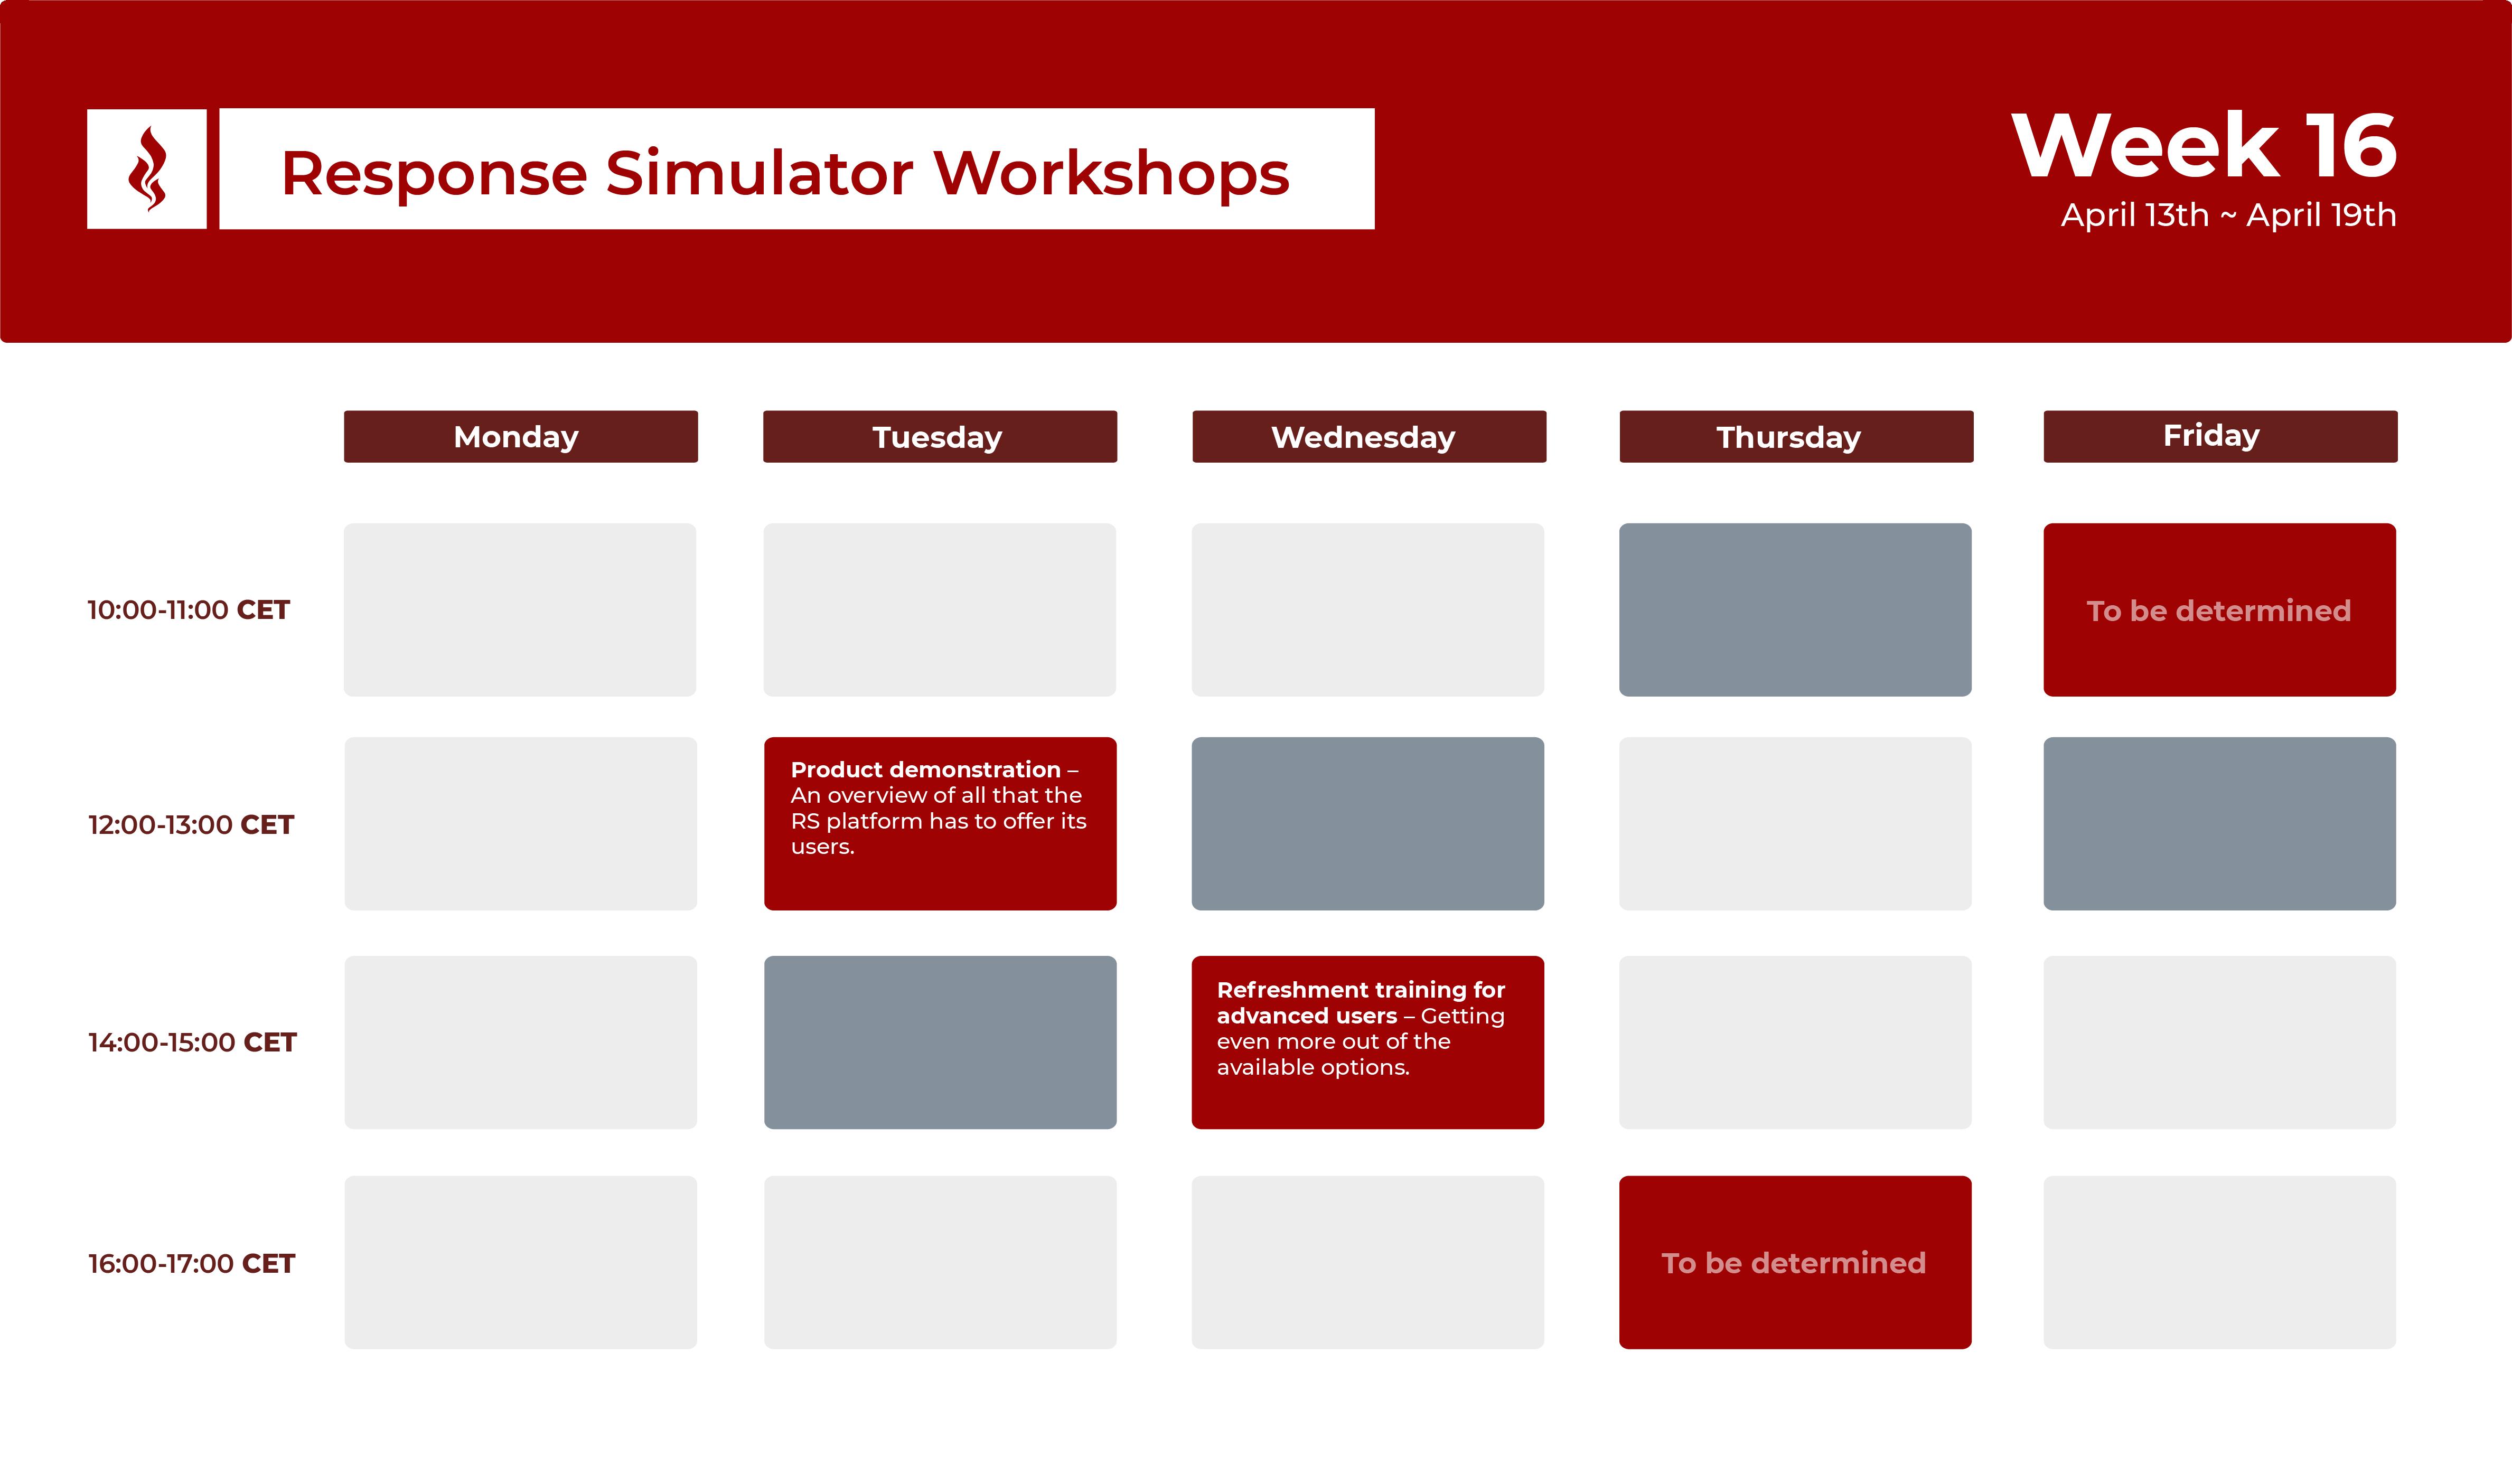 Response Simulator Workshops - Week 16